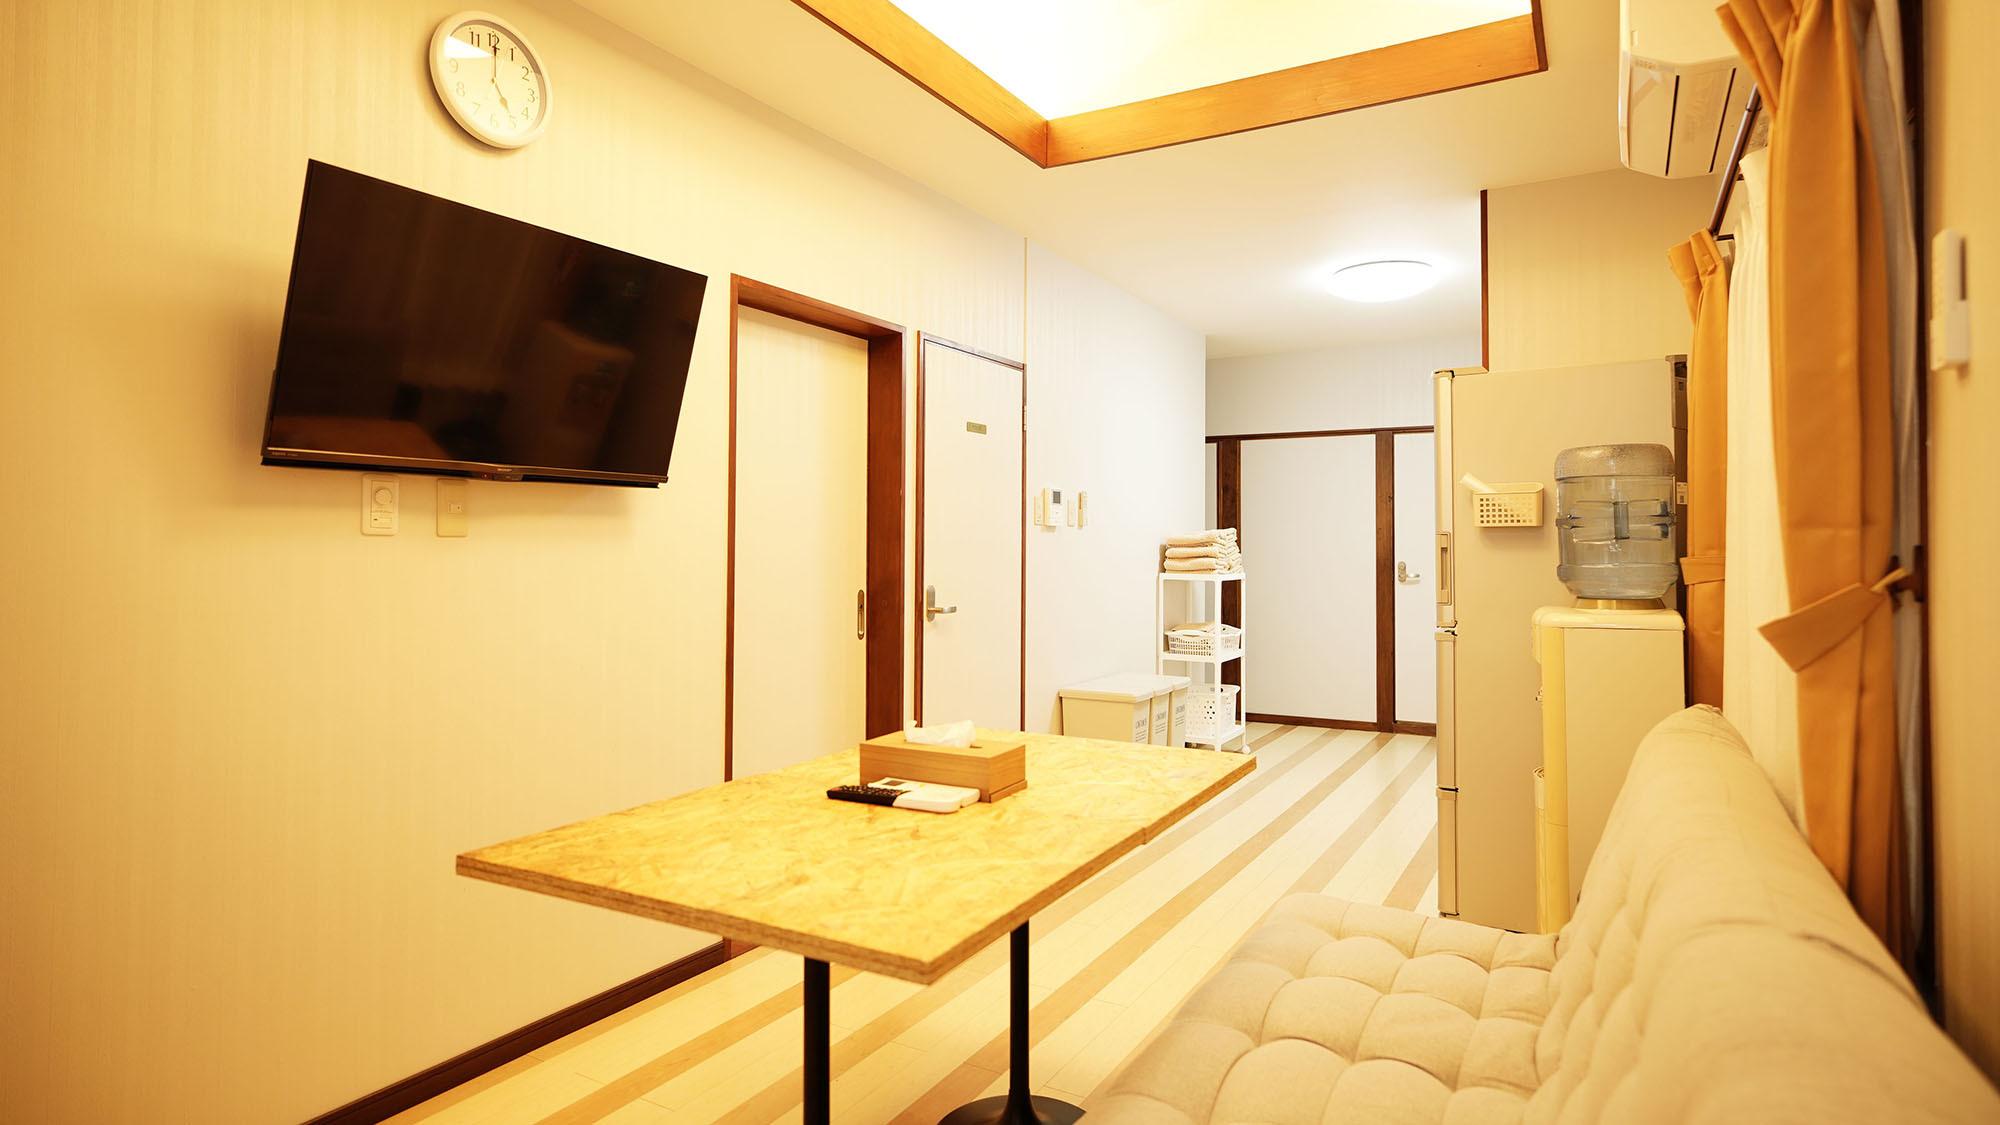 ・201号室:明るい照明で温かみのあるリビングルーム